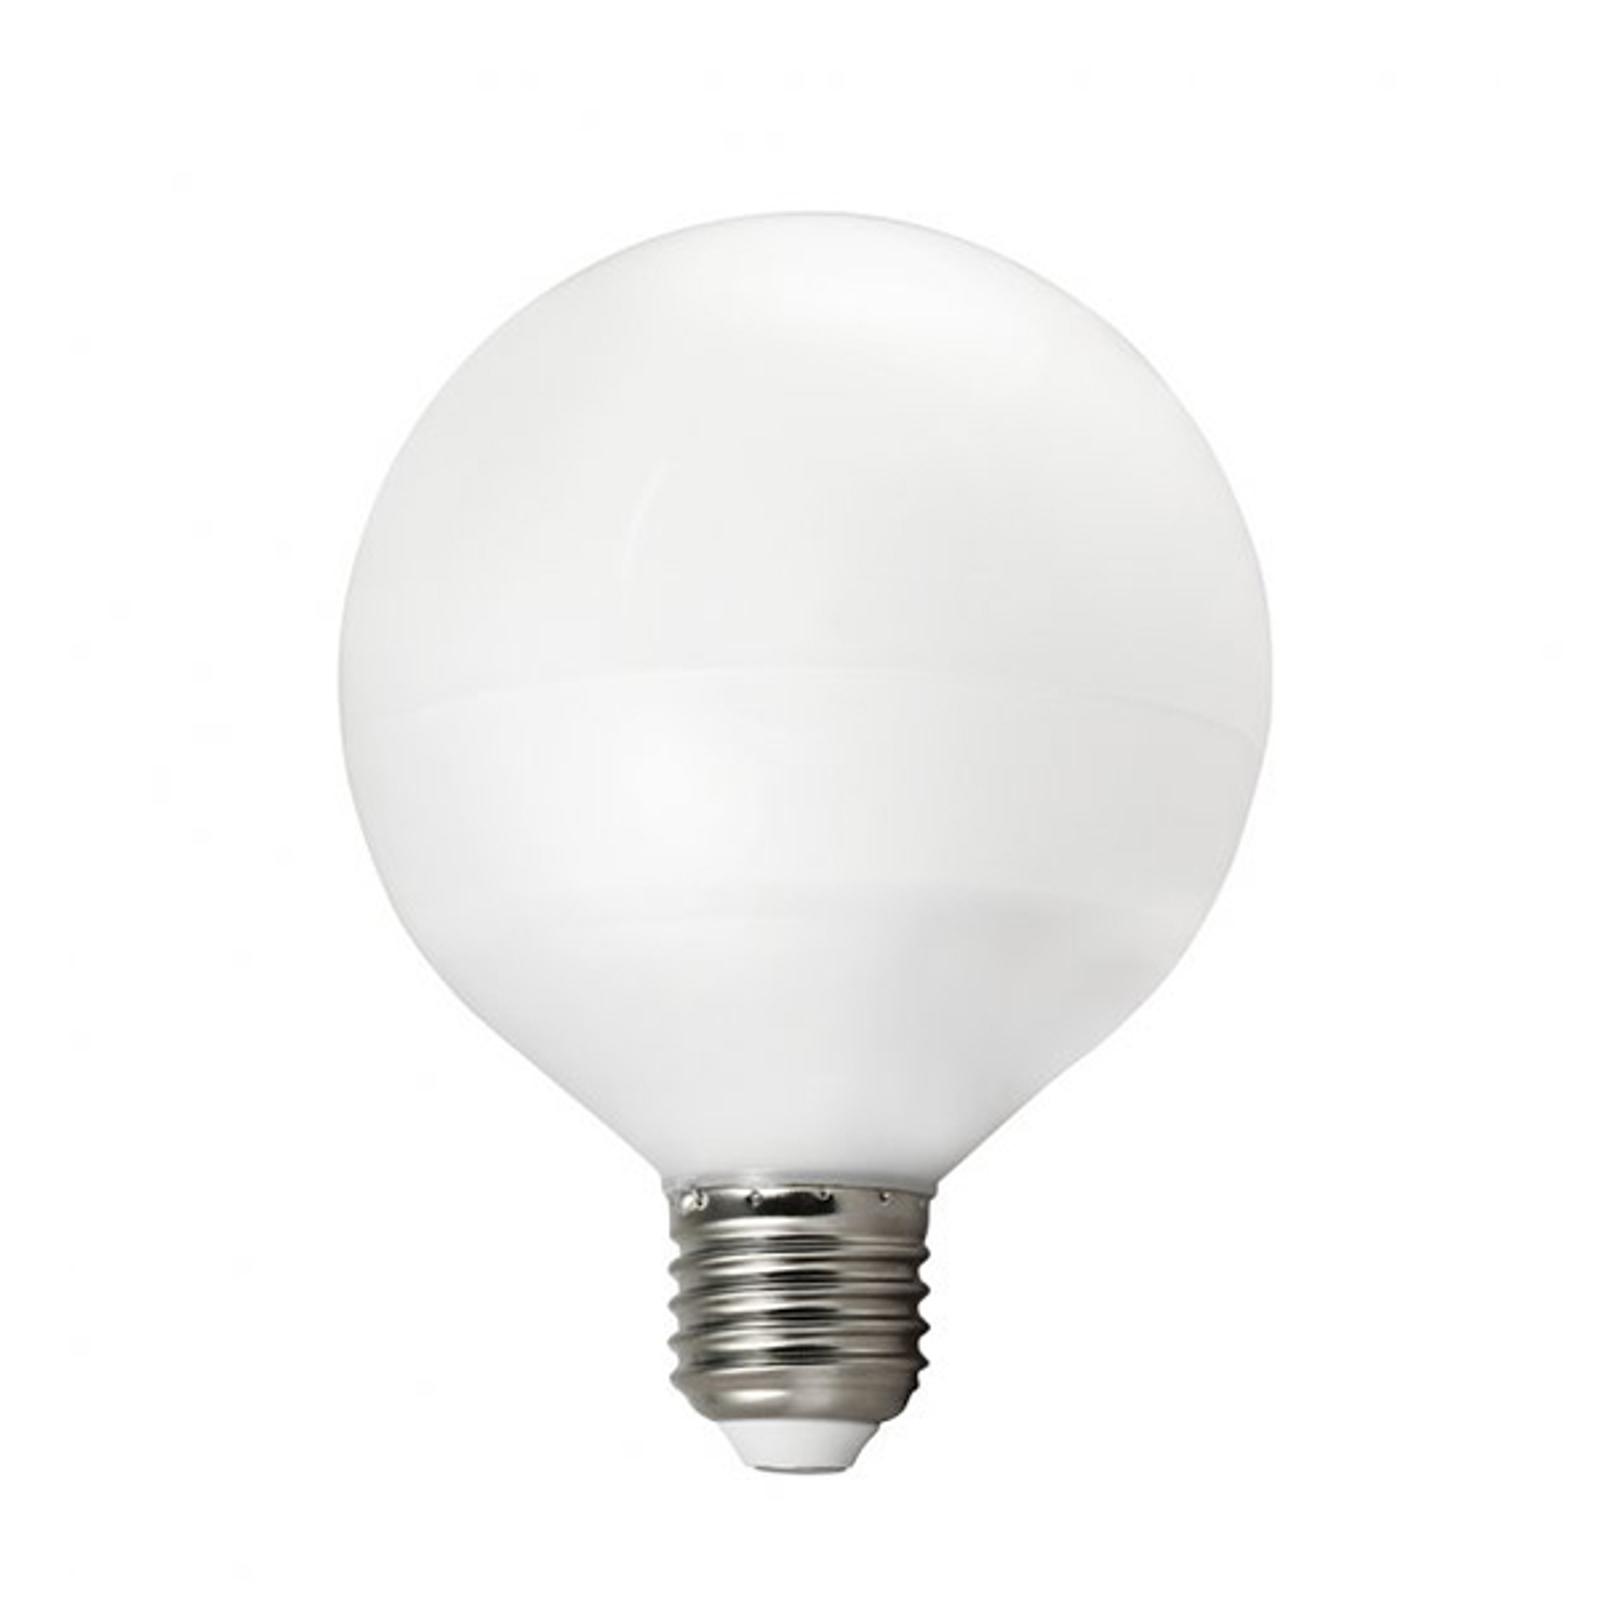 Lampadina LED globo E27 13 W 827 G95, bianco caldo